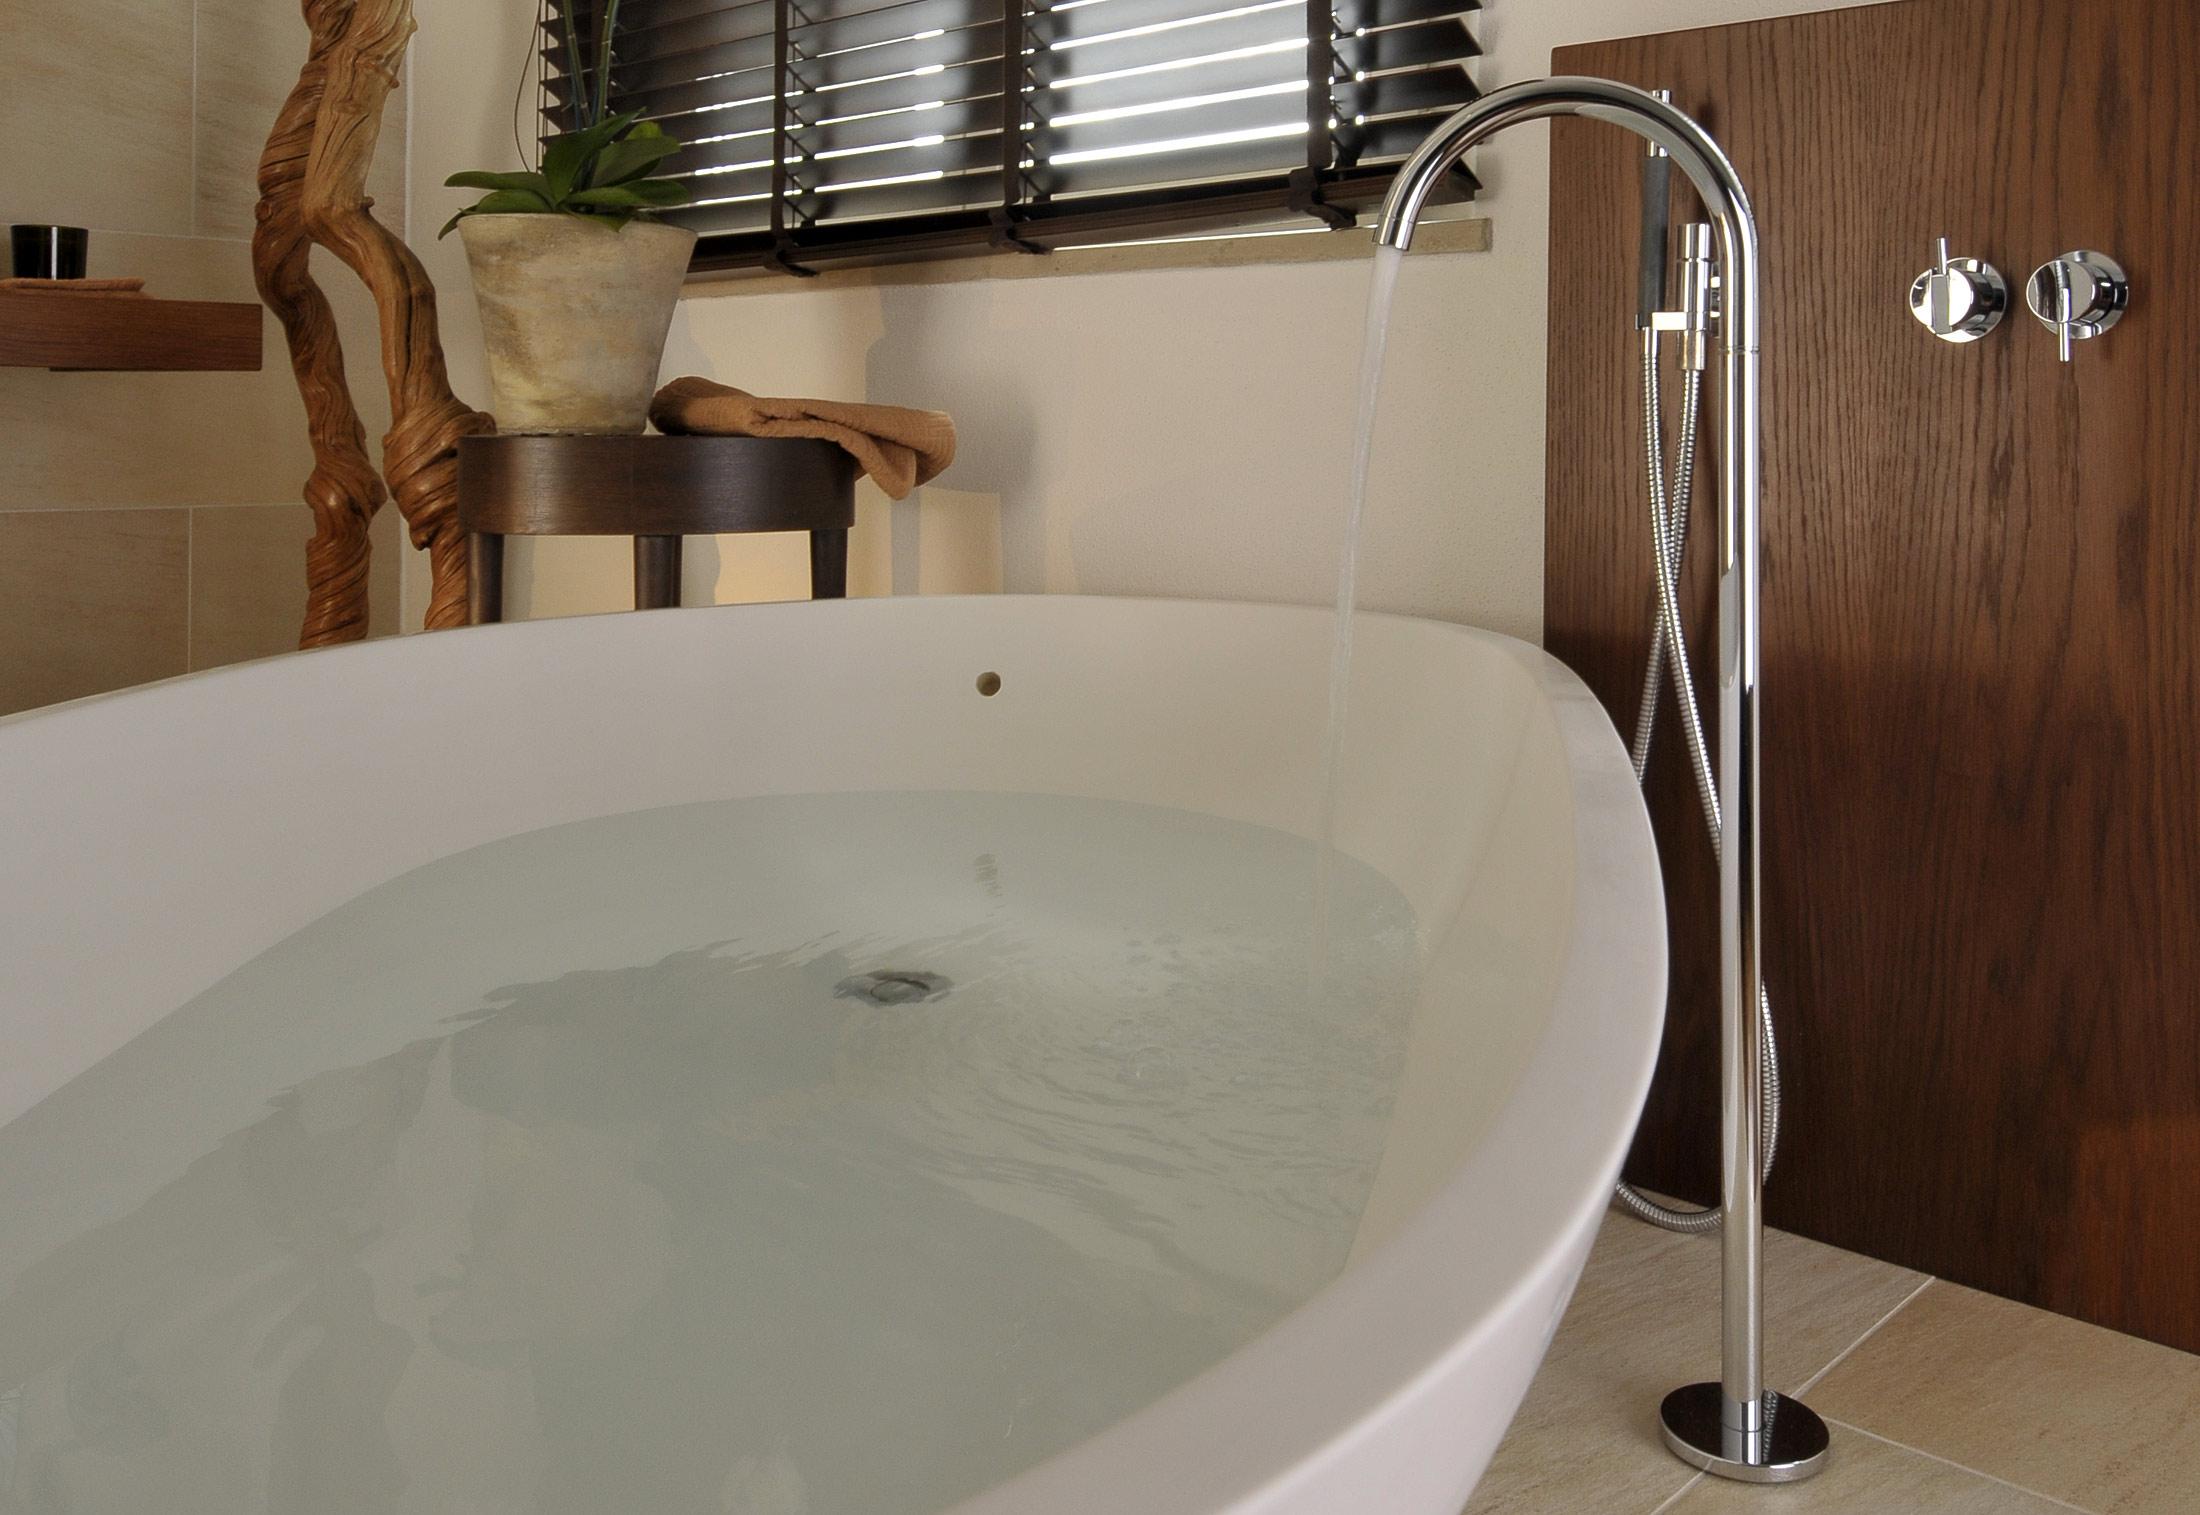 vola armaturen mezclador monomando empotradou with vola armaturen follow us with vola. Black Bedroom Furniture Sets. Home Design Ideas